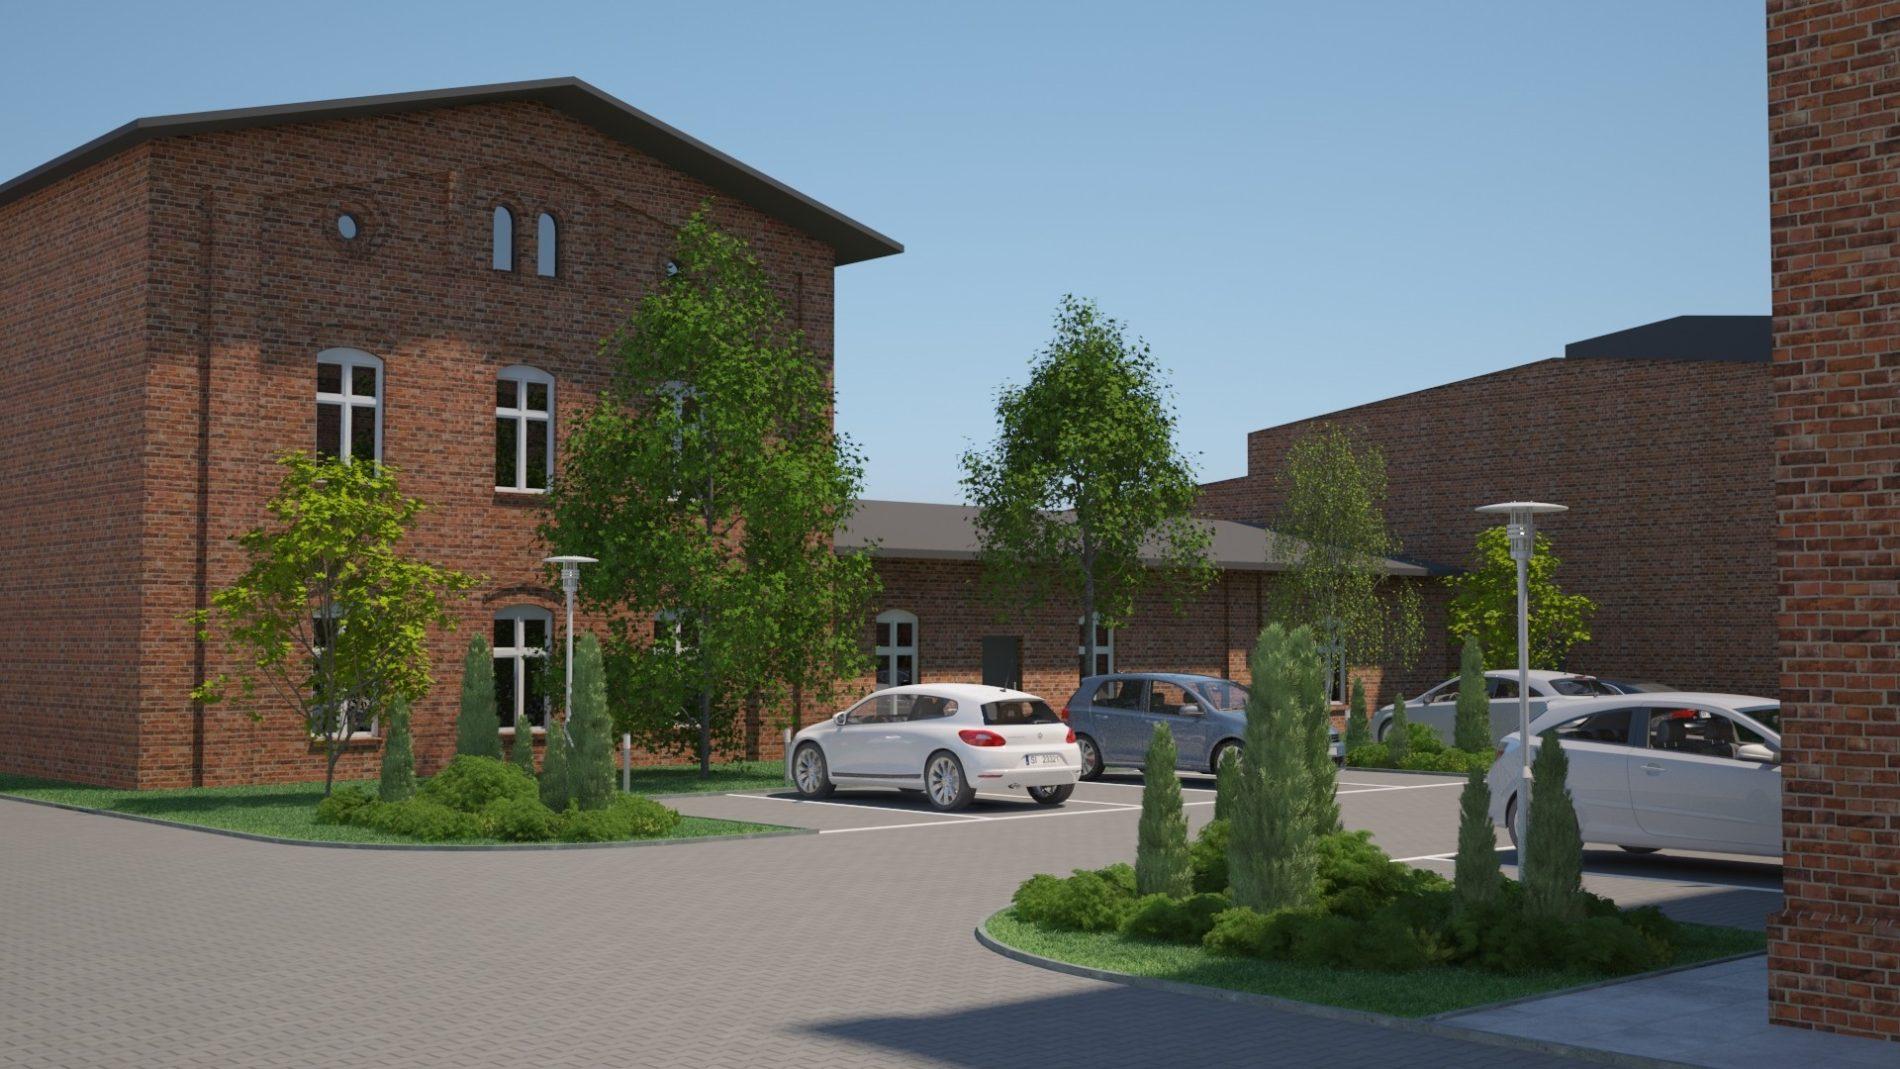 projekt parkingu rewitalizacja terenów przemysłowych Chorzów